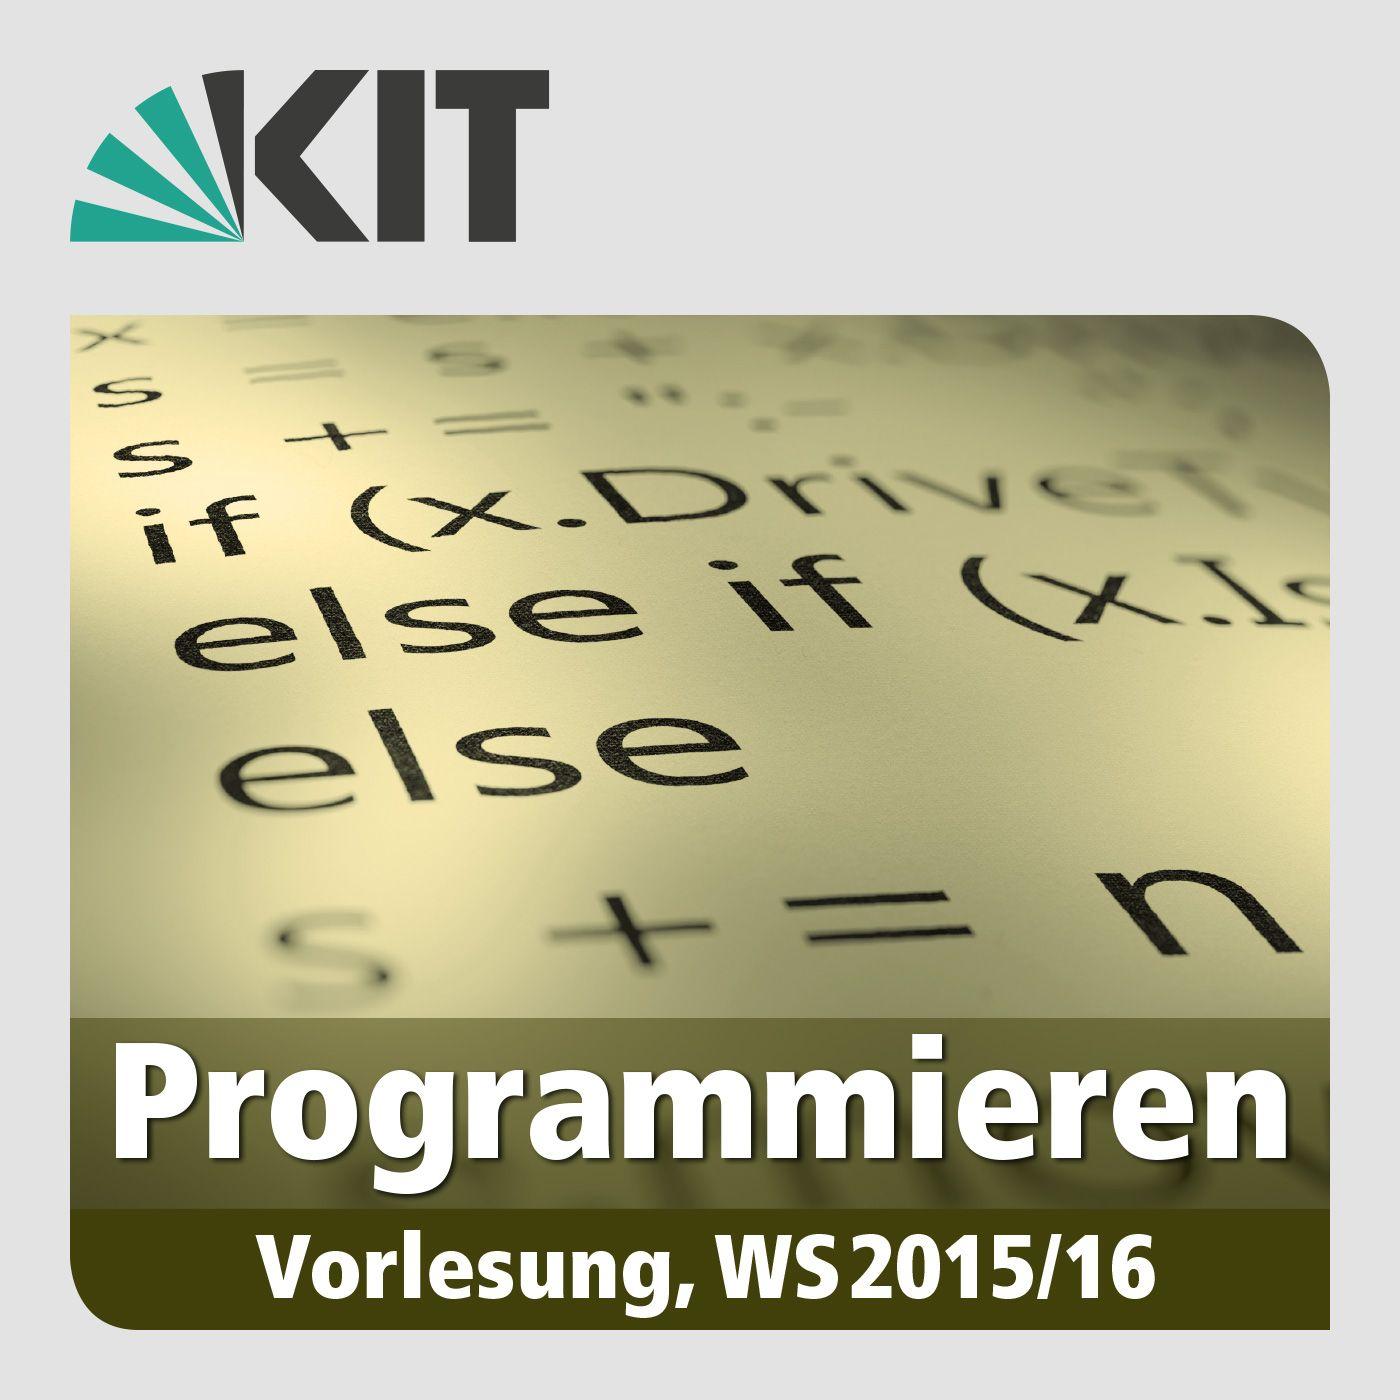 Programmieren, WS 2015/2016, gehalten am 20.01.2016, Vorlesung 11